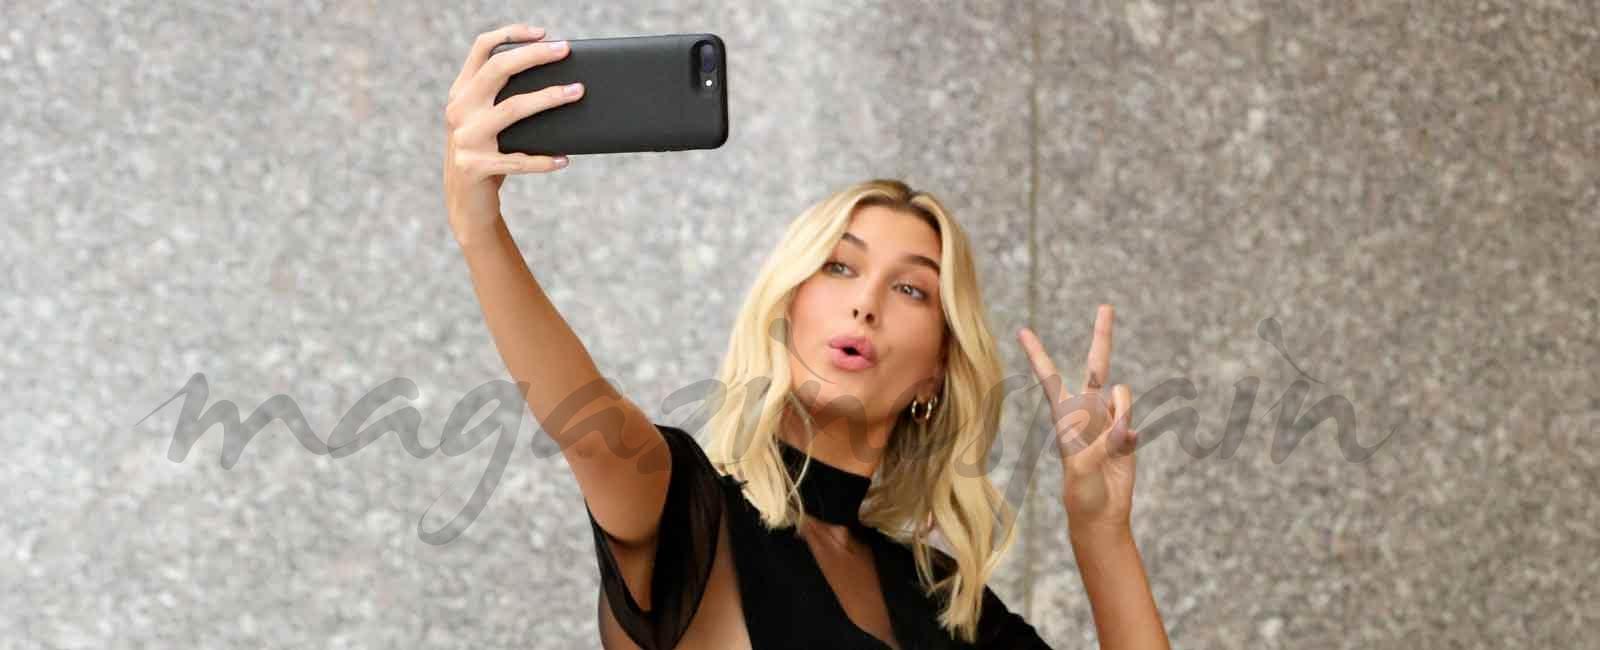 Hailey Baldwin, la modelo más sexy del mundo, nos enseña a posar para el selfie perfecto